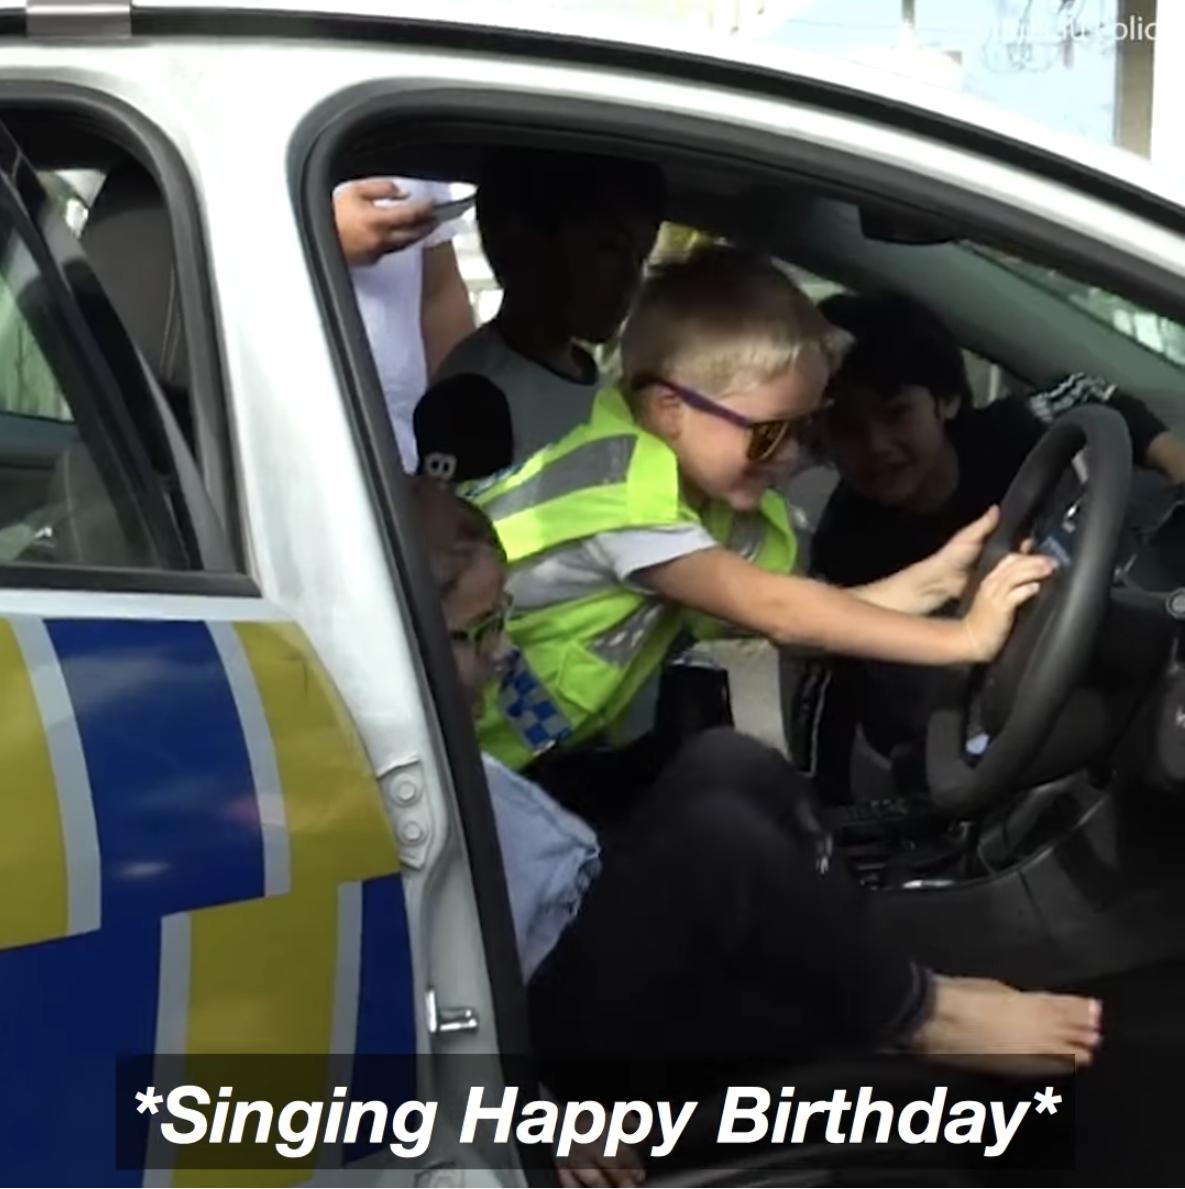 Cậu bé 5 tuổi gọi điện tới đồn cảnh sát để... mời dự sinh nhật, các sĩ quan cũng chẳng ngại gì mà không đến - Ảnh 2.